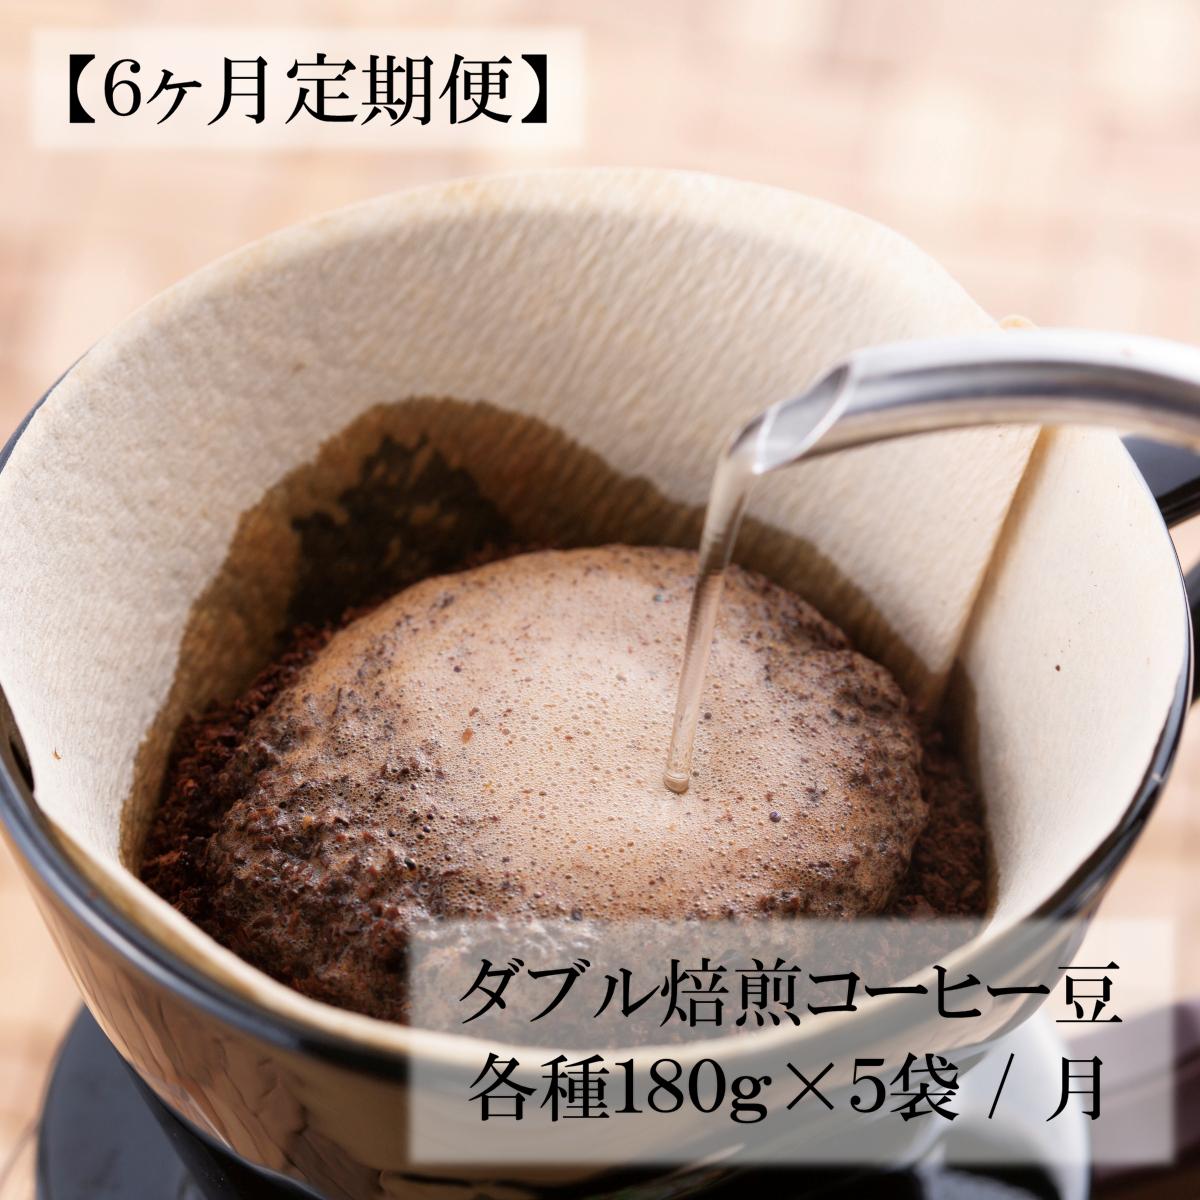 【ふるさと納税】《定期便》ダブル焙煎コーヒー豆セット_豆タイプ_5種類_6ヶ月定期便_自家焙煎_鷲コーヒー